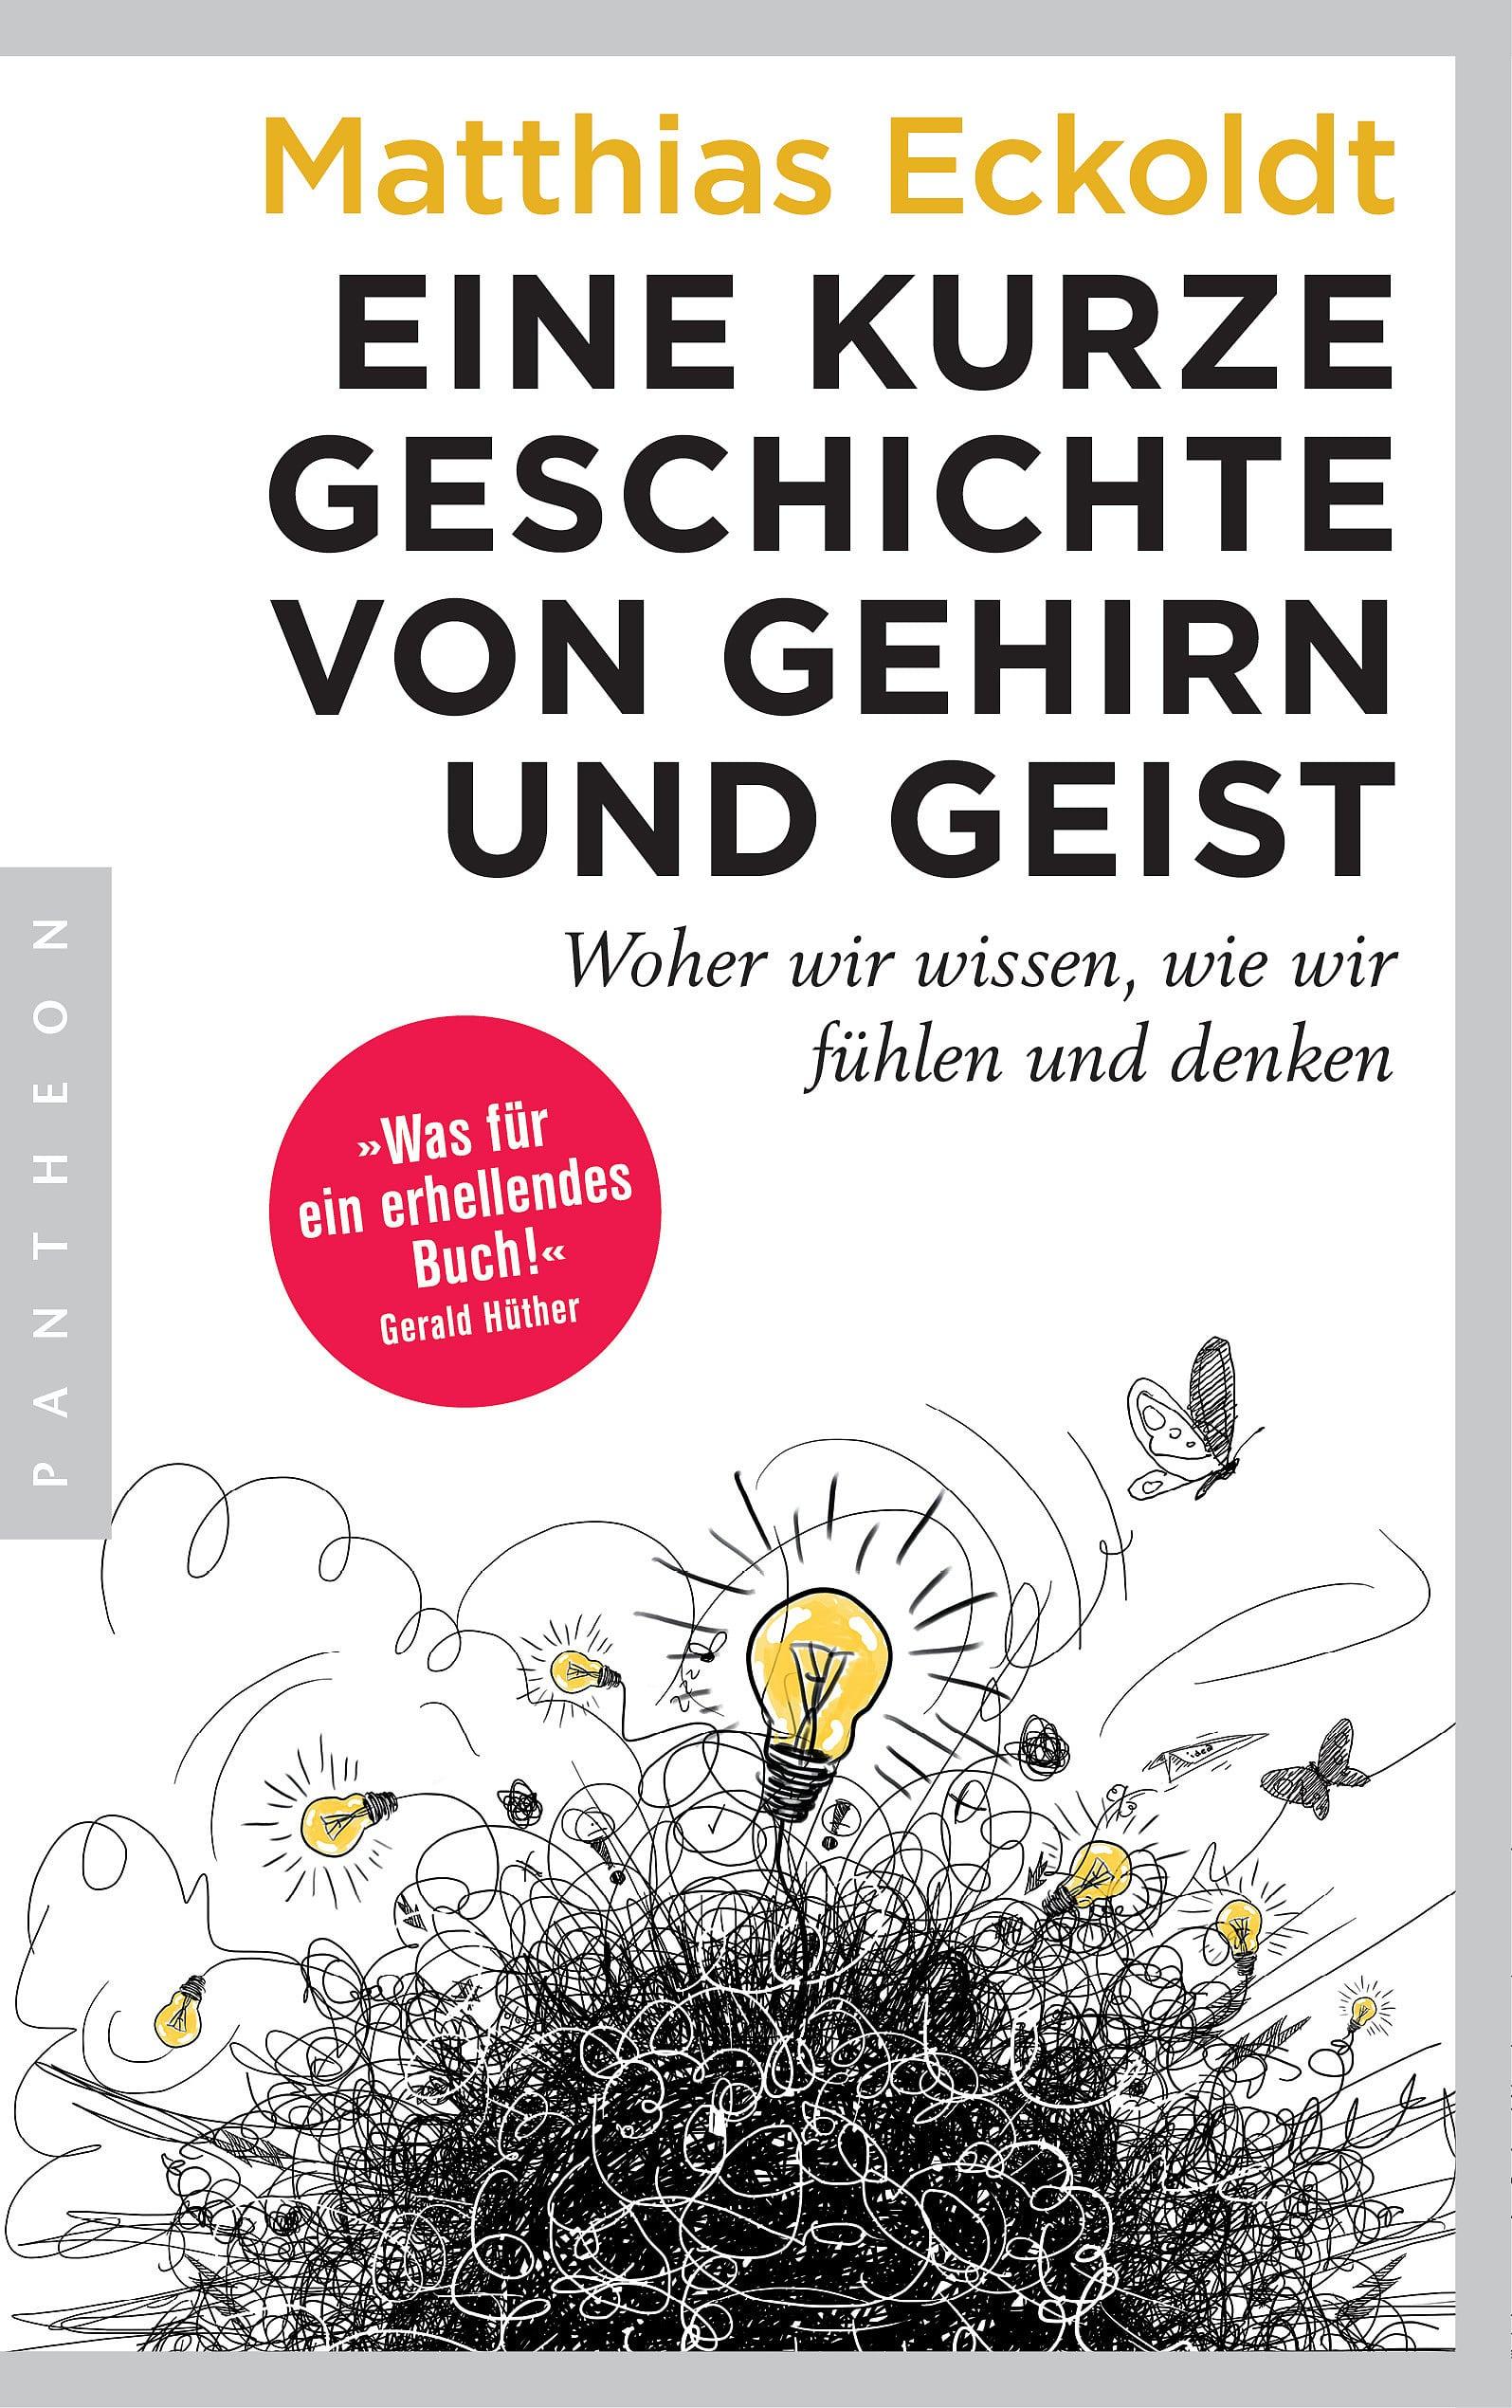 Charmant Die Anatomie Des Geistes Galerie - Menschliche Anatomie ...